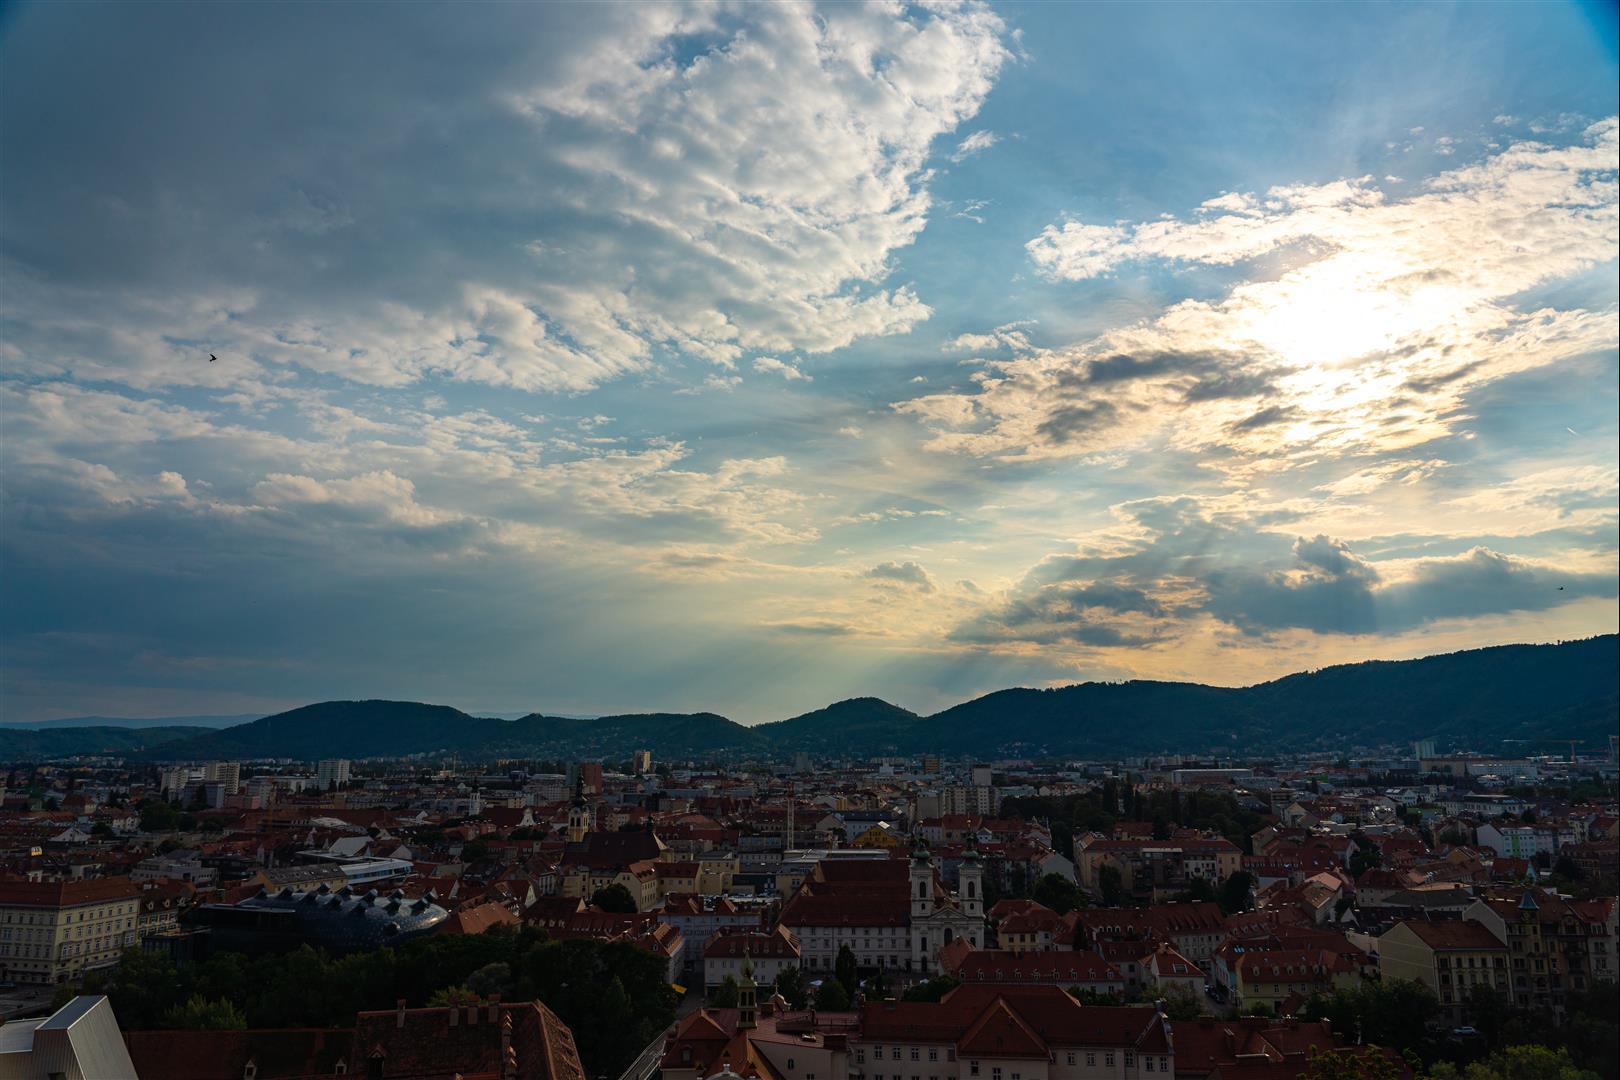 格拉茲城堡山